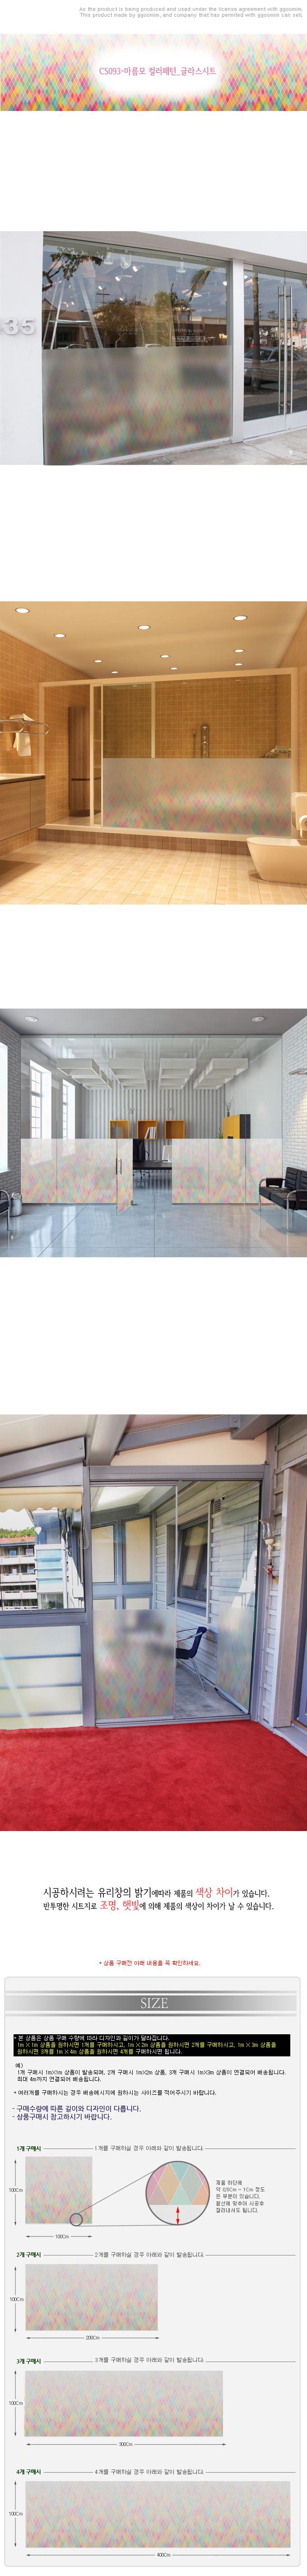 cs093-마름모 컬러패턴_글라스시트_글라스시트지 - 꾸밈, 16,000원, 벽지/시트지, 디자인 시트지